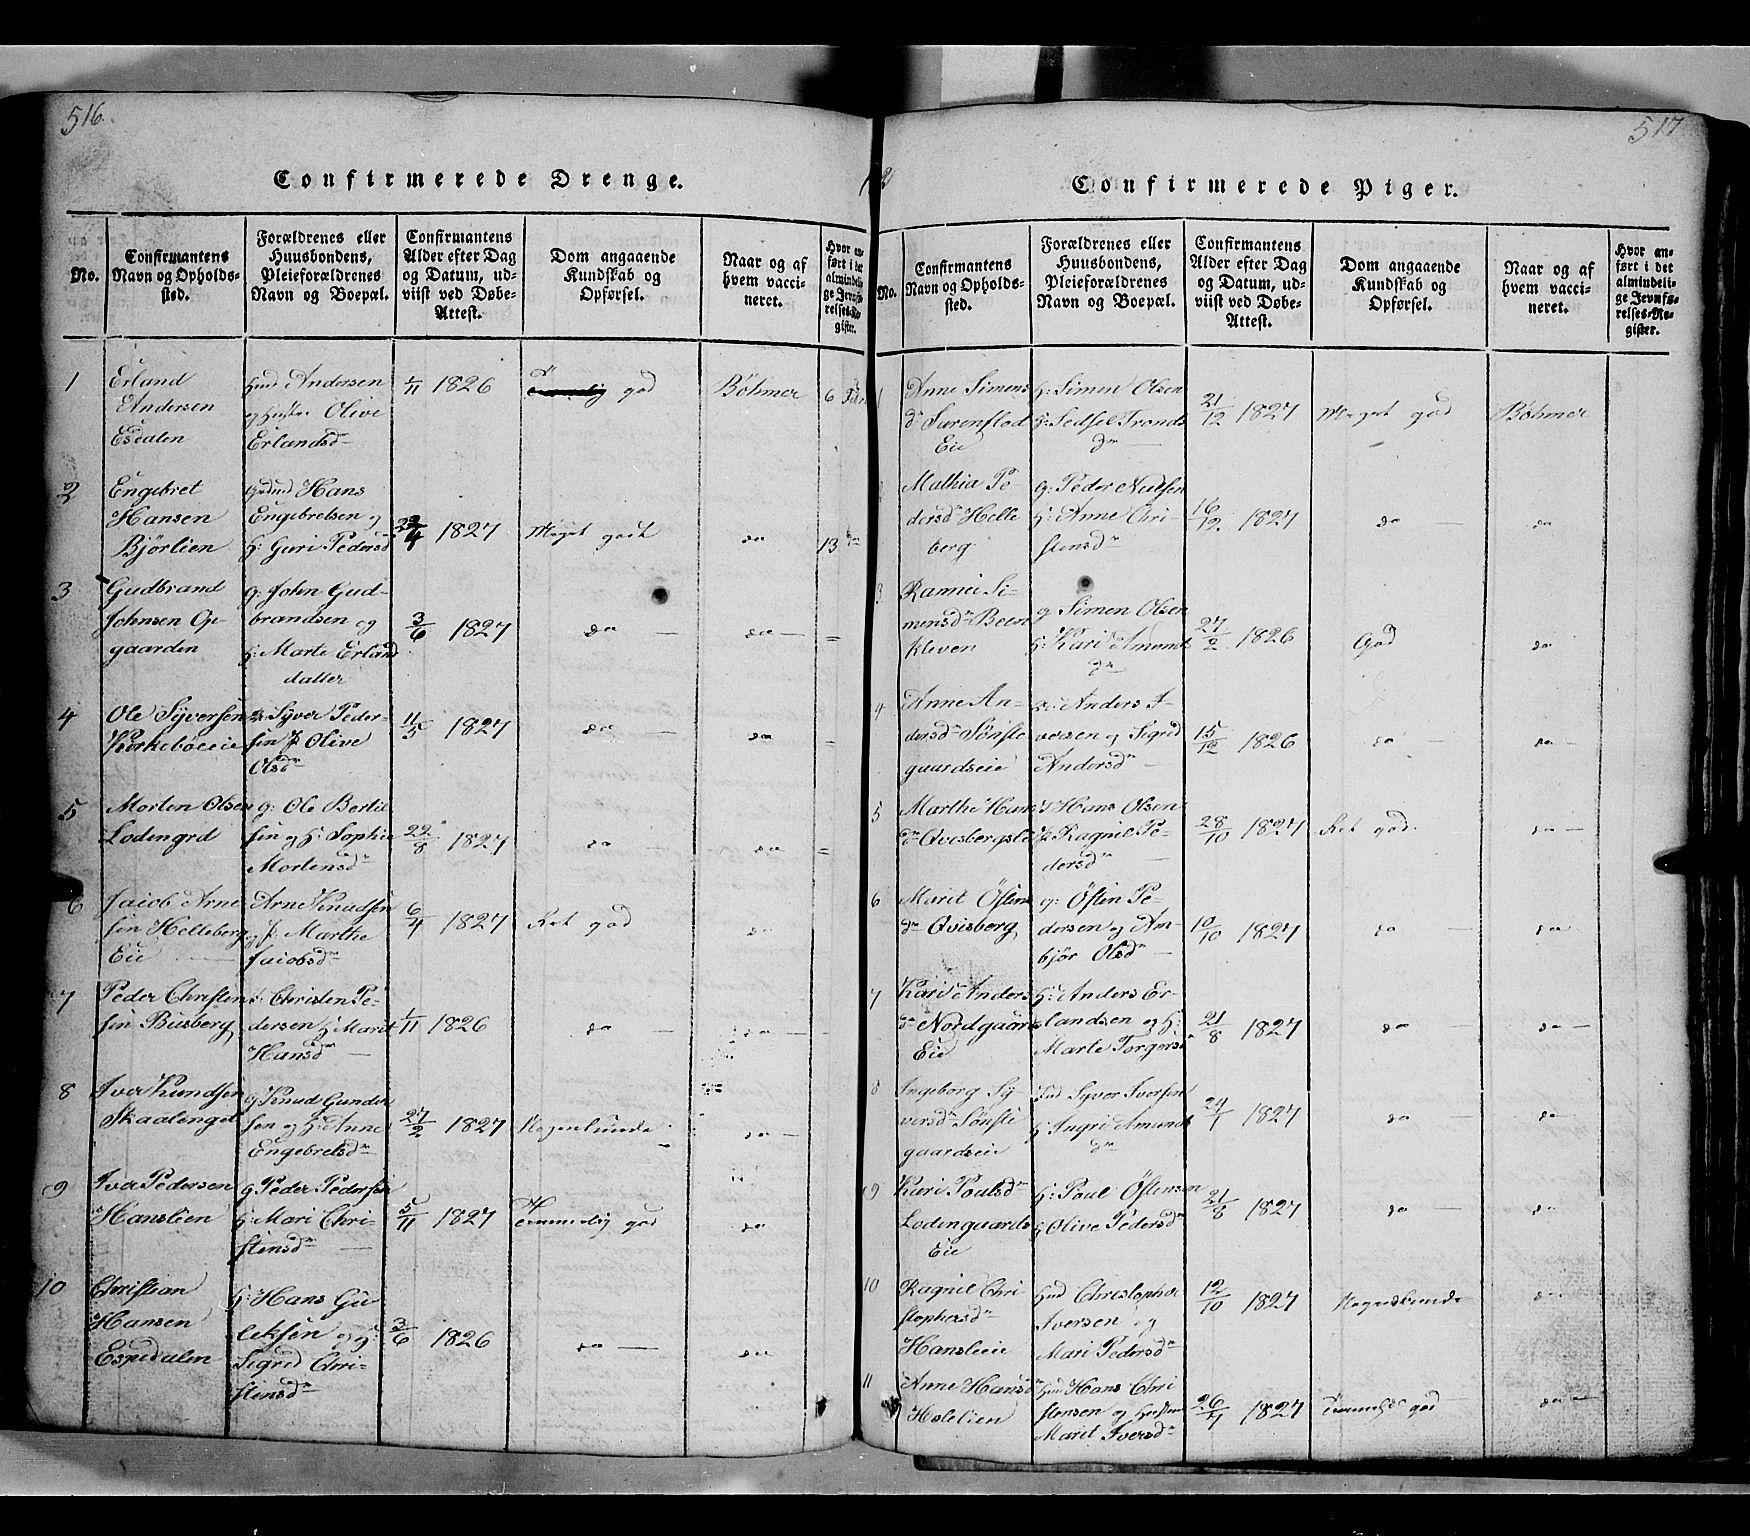 SAH, Gausdal prestekontor, Klokkerbok nr. 2, 1818-1874, s. 516-517